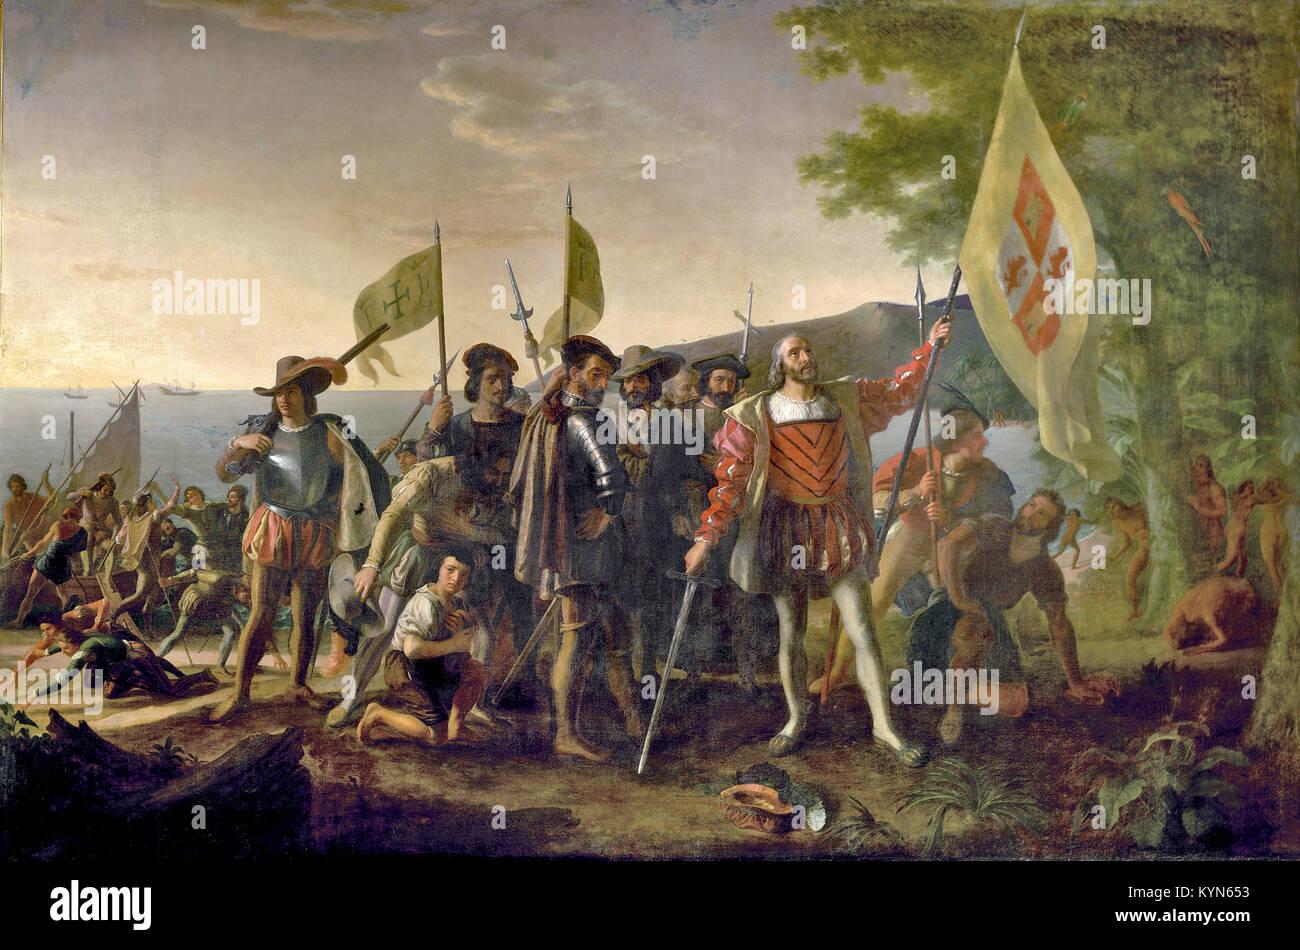 Christophe Colomb Le Debarquement De Christophe Colomb 12 Octobre Peinture De John